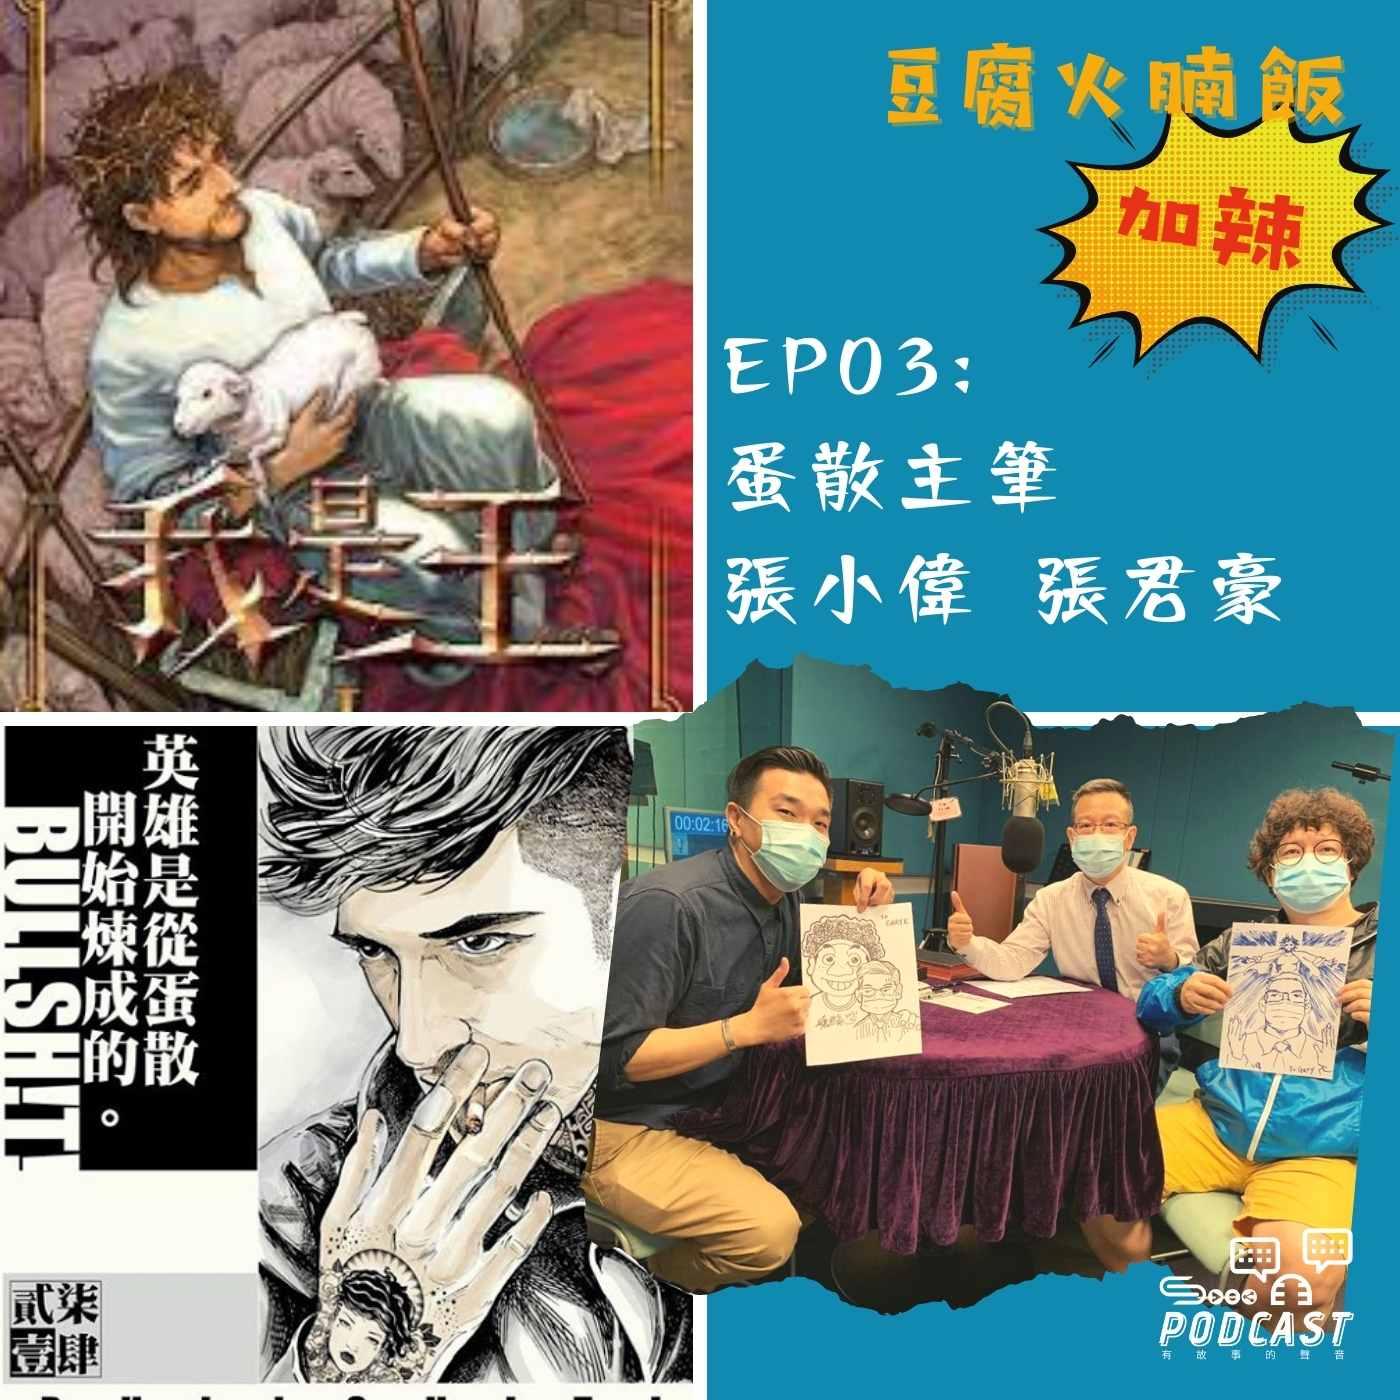 【港漫 Gary】EP03 豆腐火腩飯加辣 -《我是王》張文偉 《蛋散》張君豪